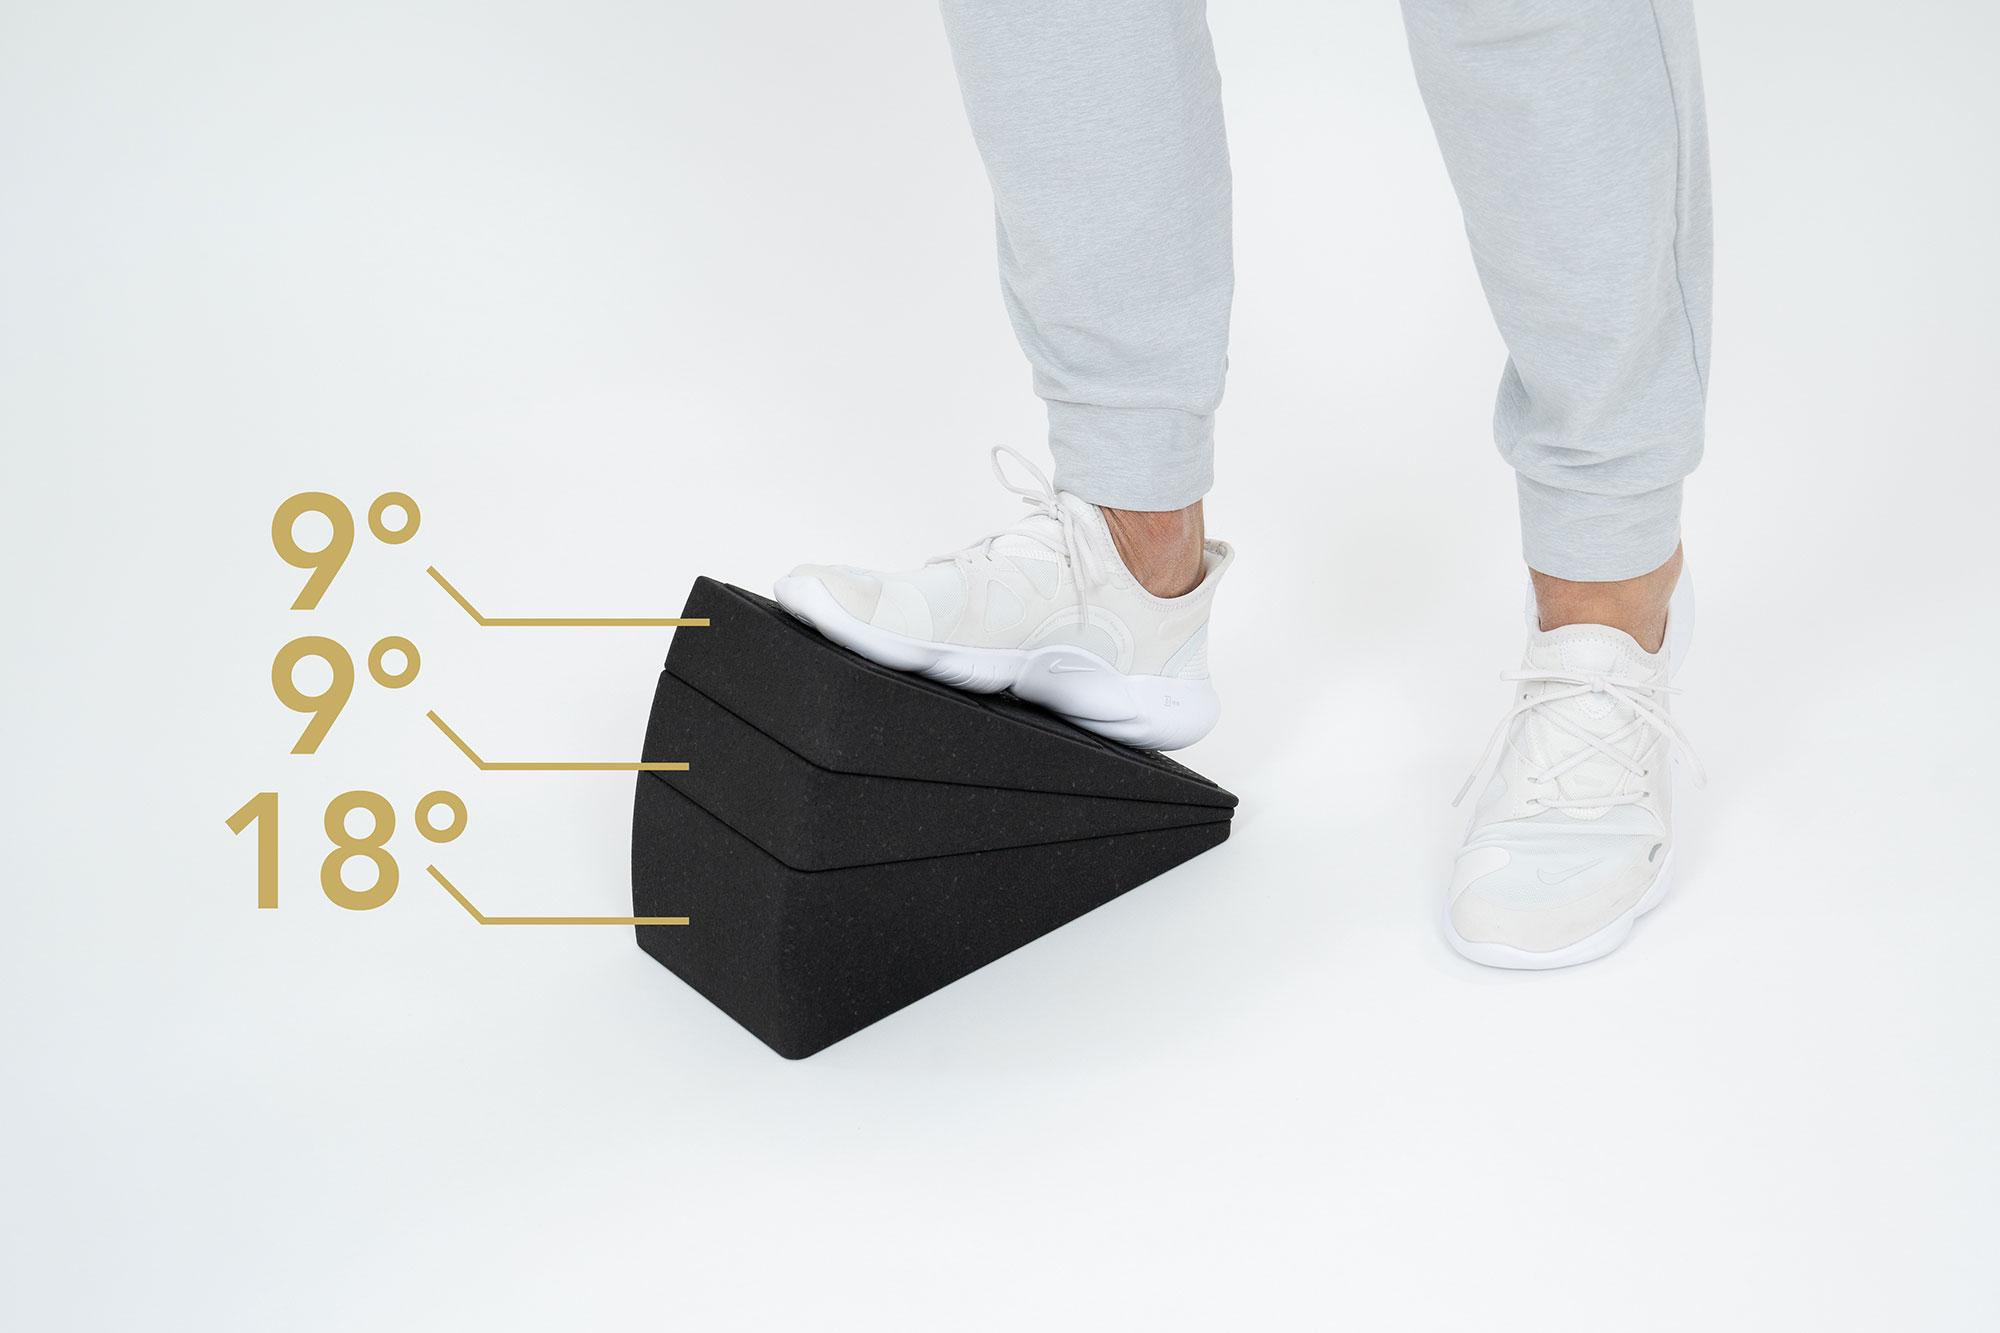 produkt-knieretter-uebung4-liebscher-bracht